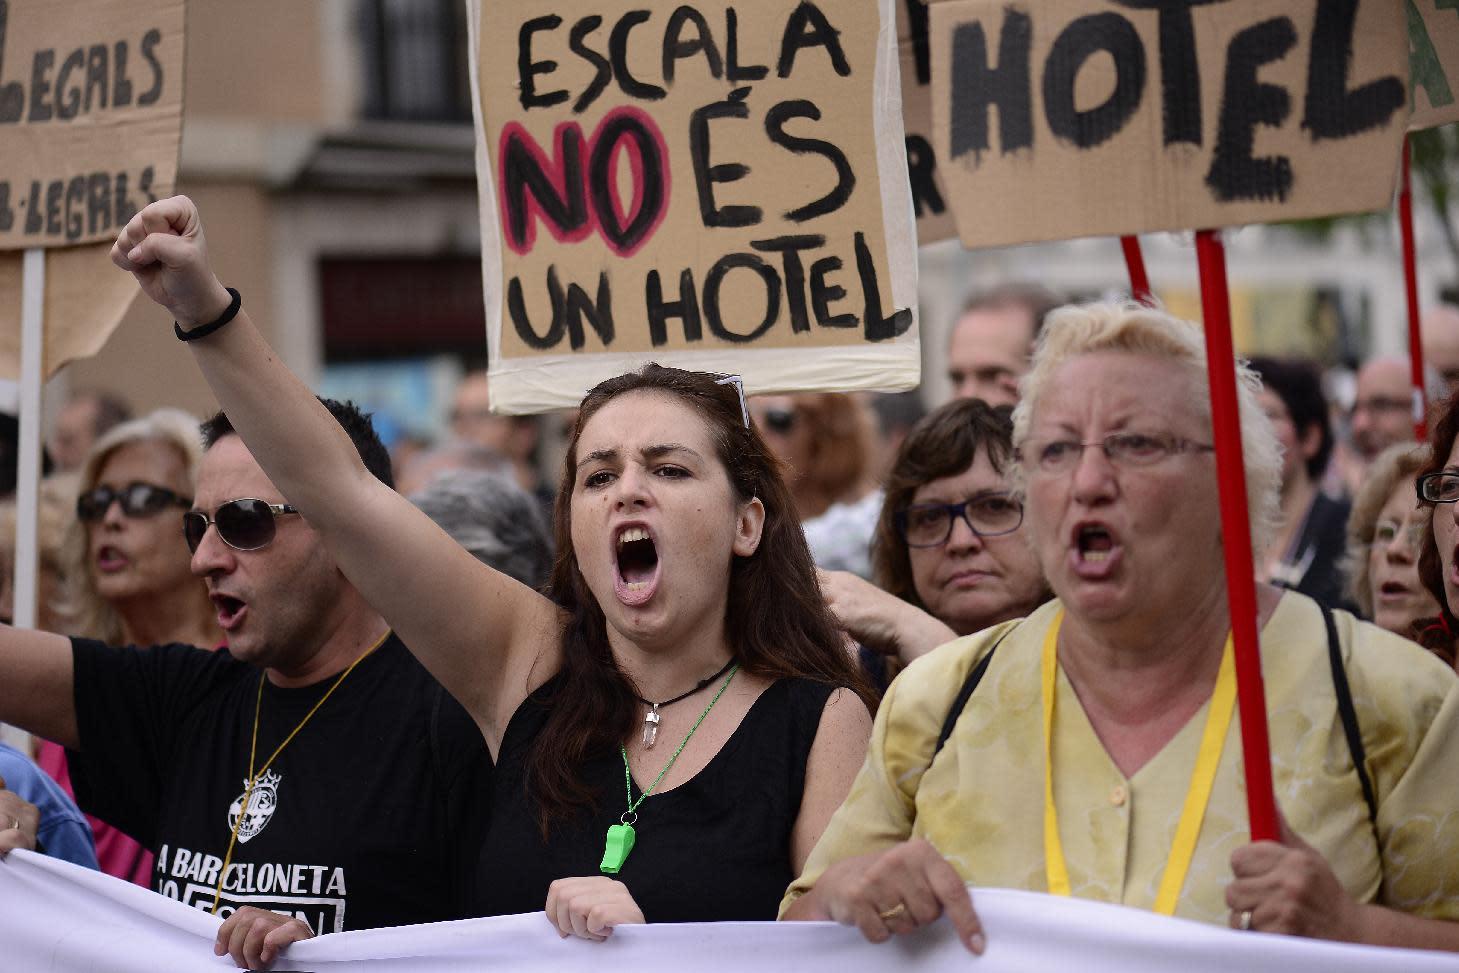 Barcelona locals rebel at drunken, naked tourist high jinks